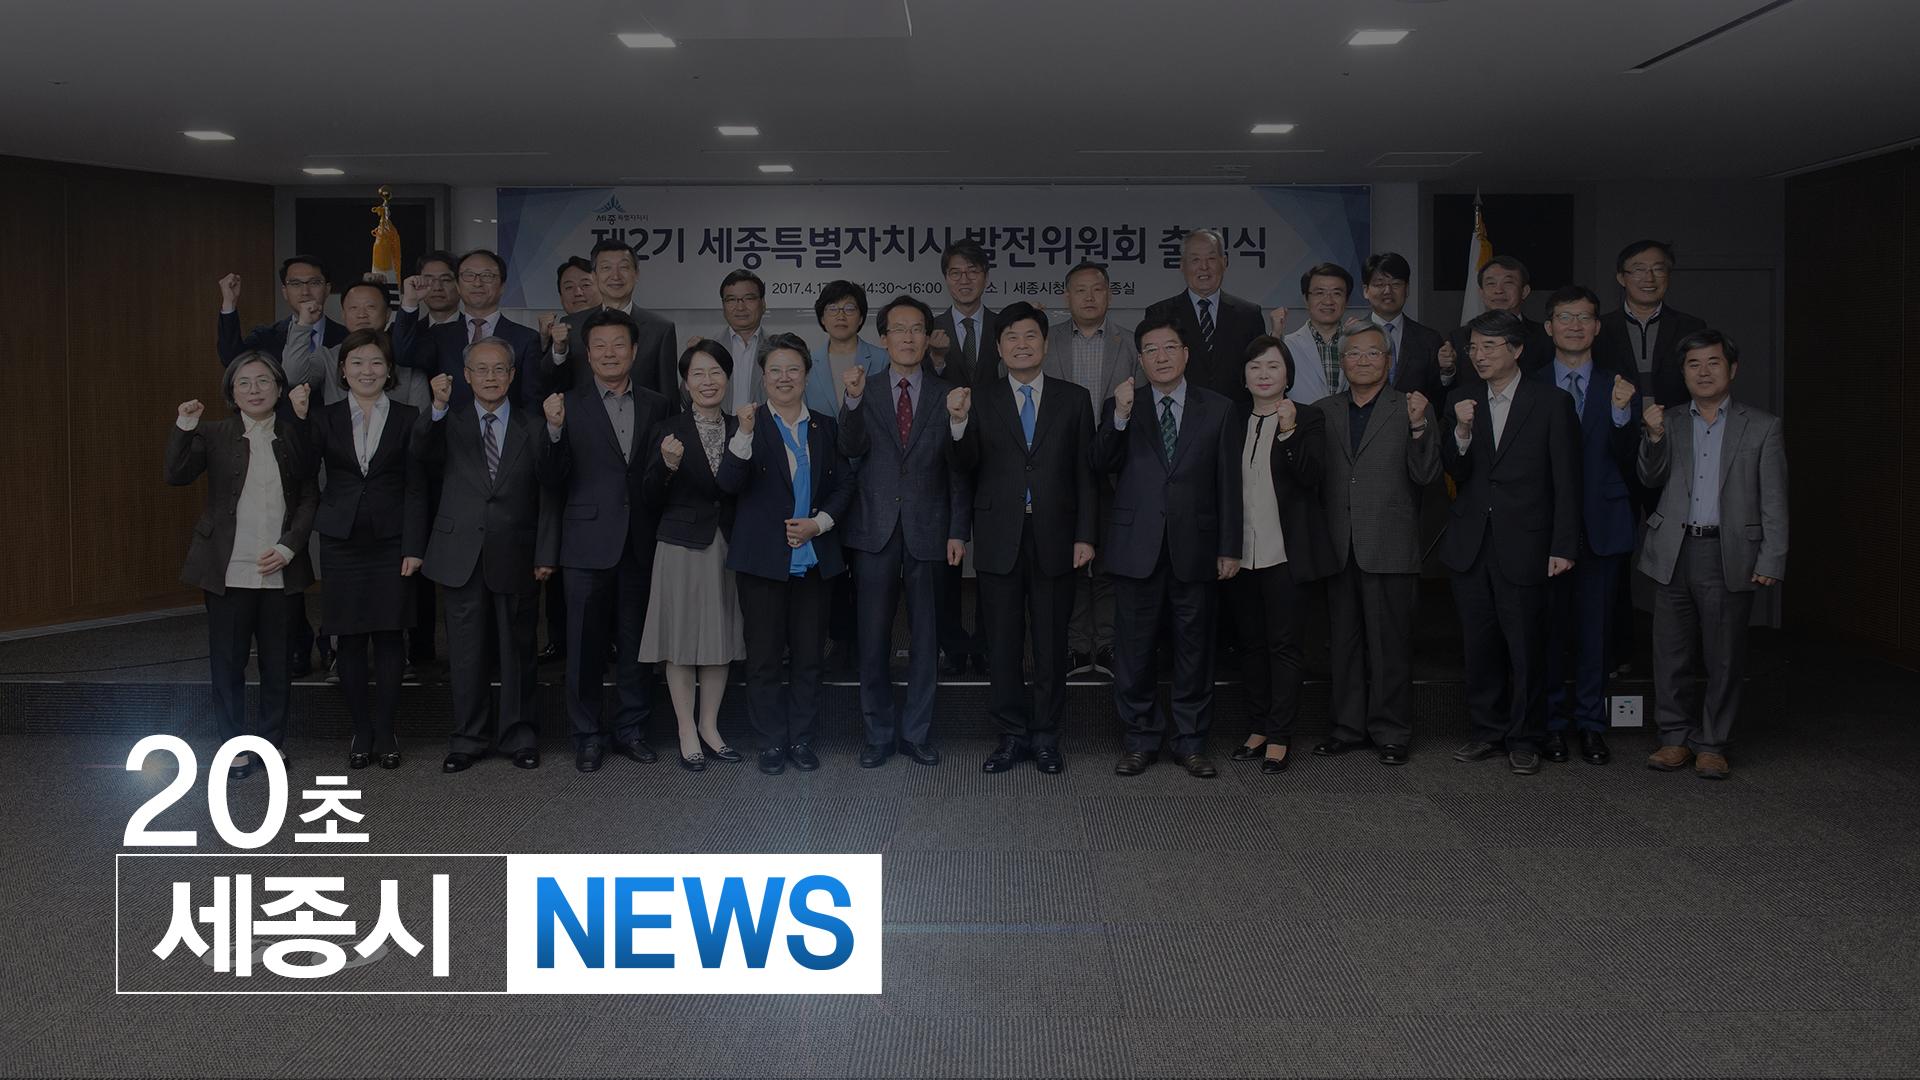 <20초뉴스> 제2기 세종시 발전위원회 출범